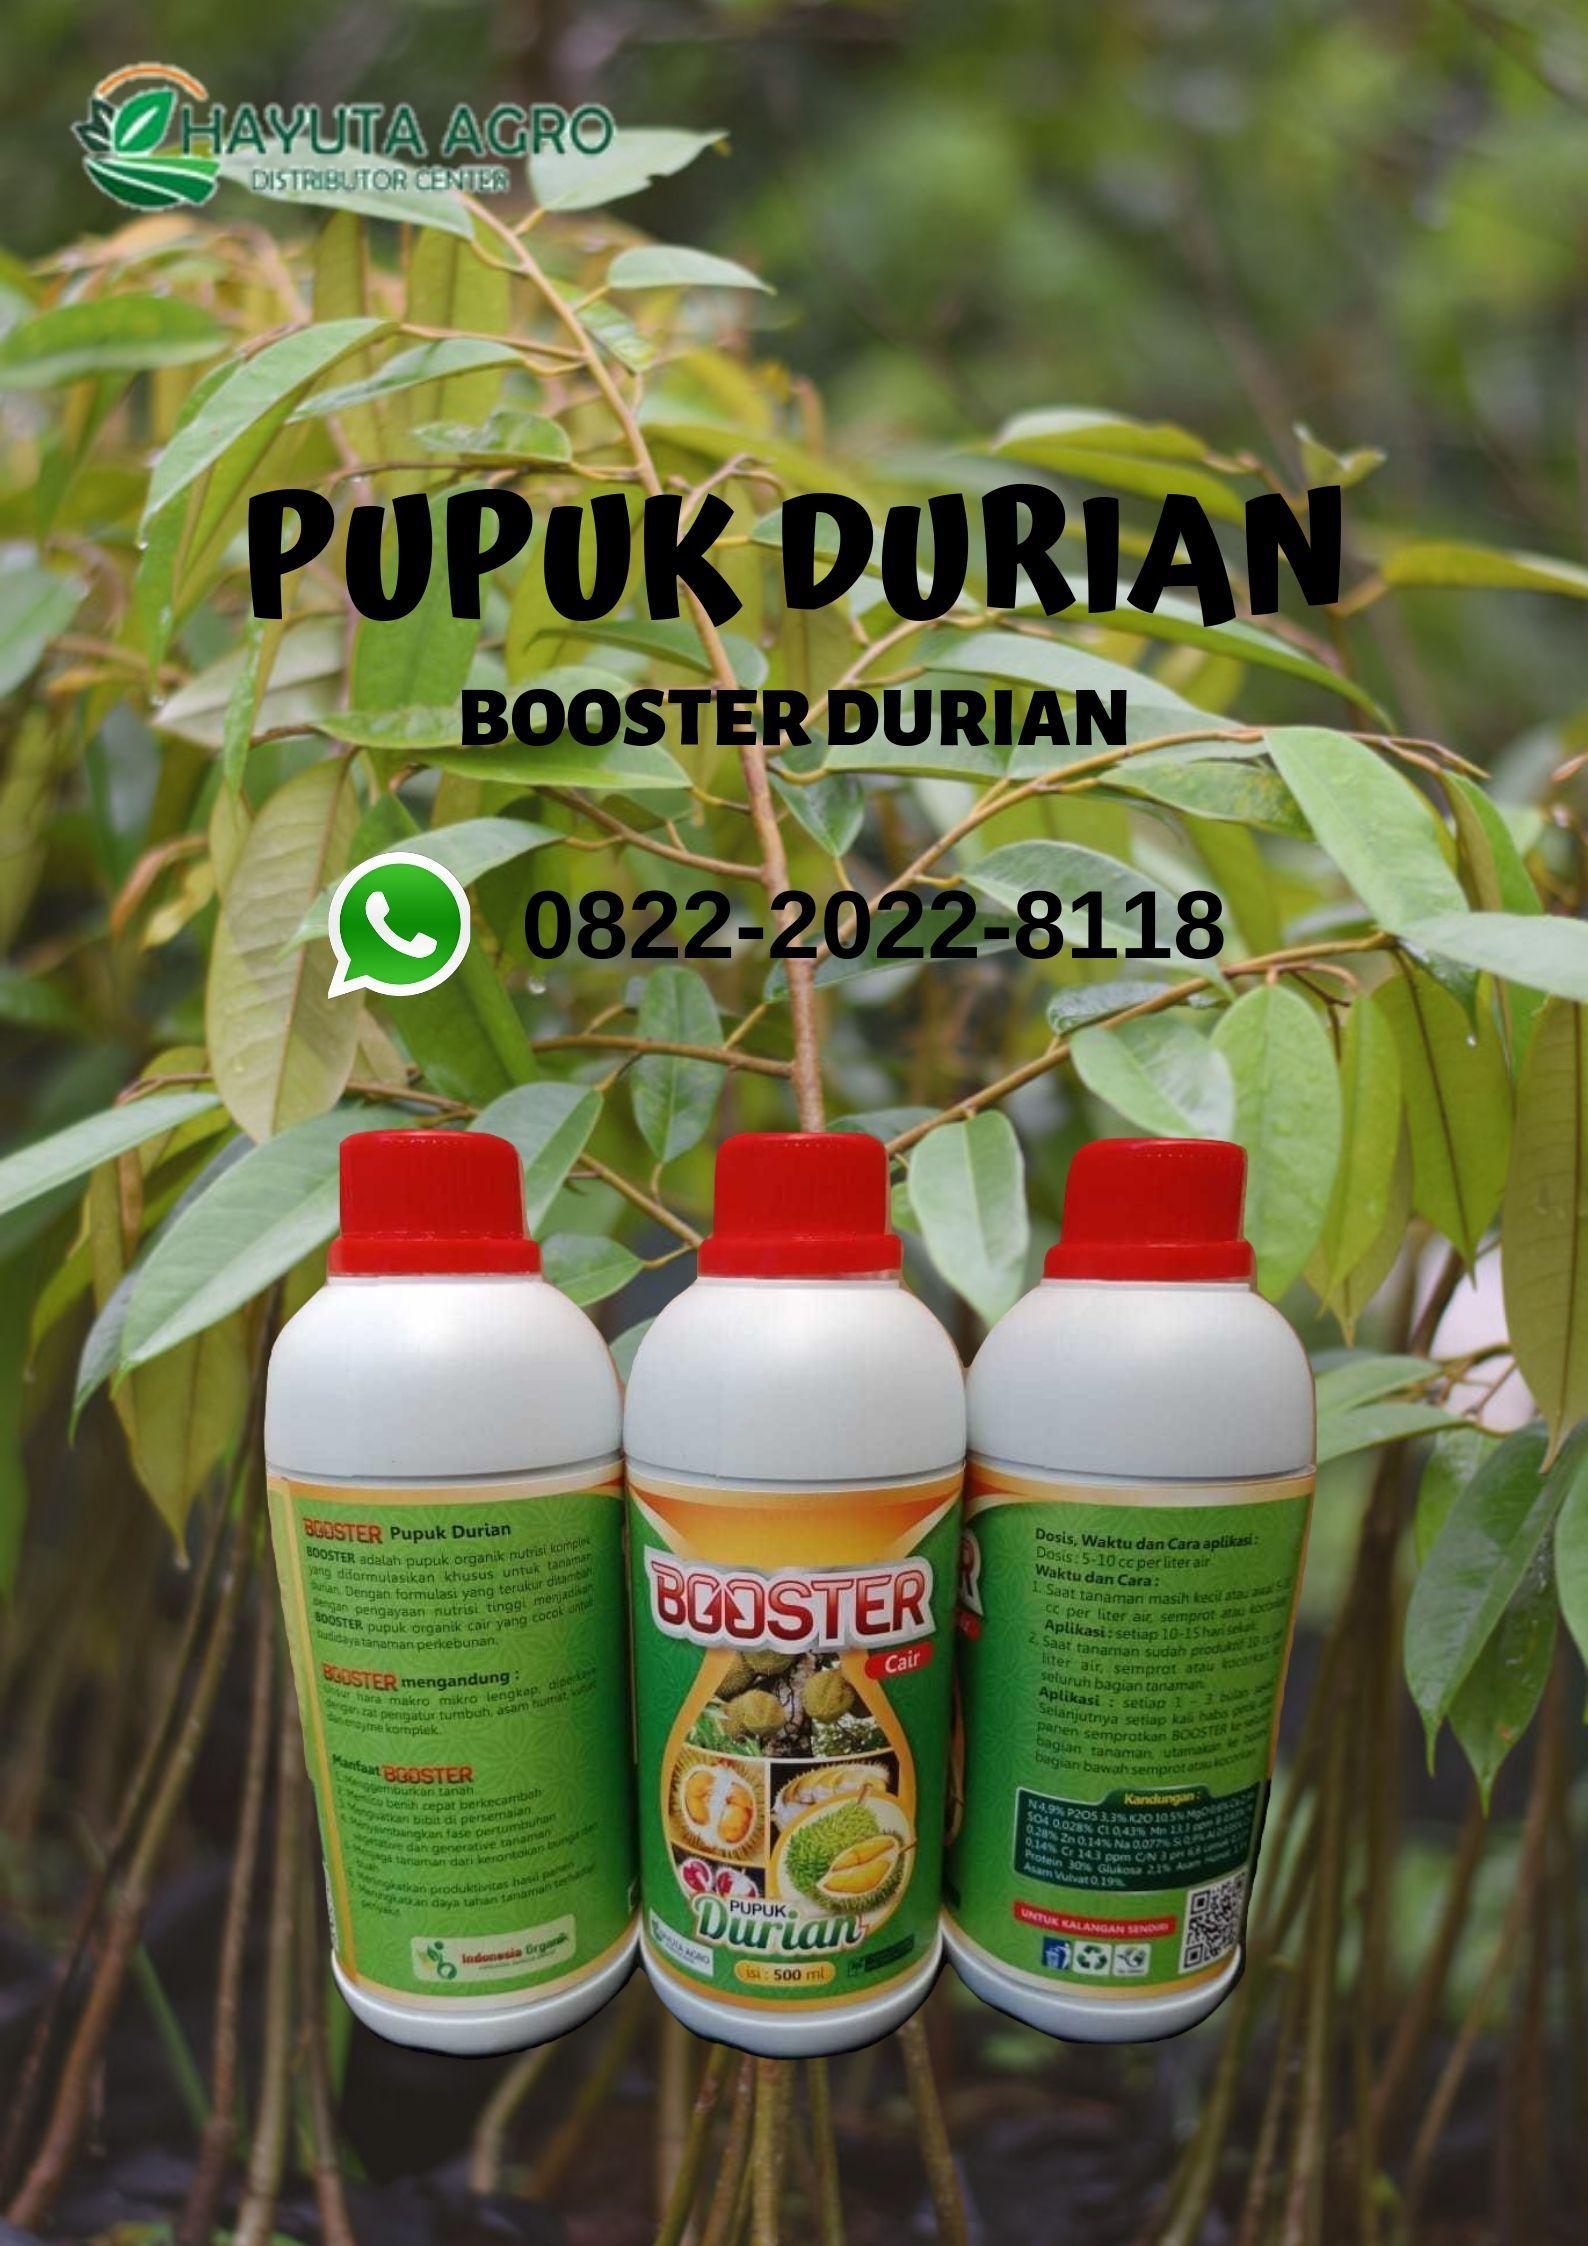 Wa O822 2o22 8ii8 Jual Pupuk Durian Musang King Di Gowa Harga Pupuk Buah Durian Di Jeneponto Buah